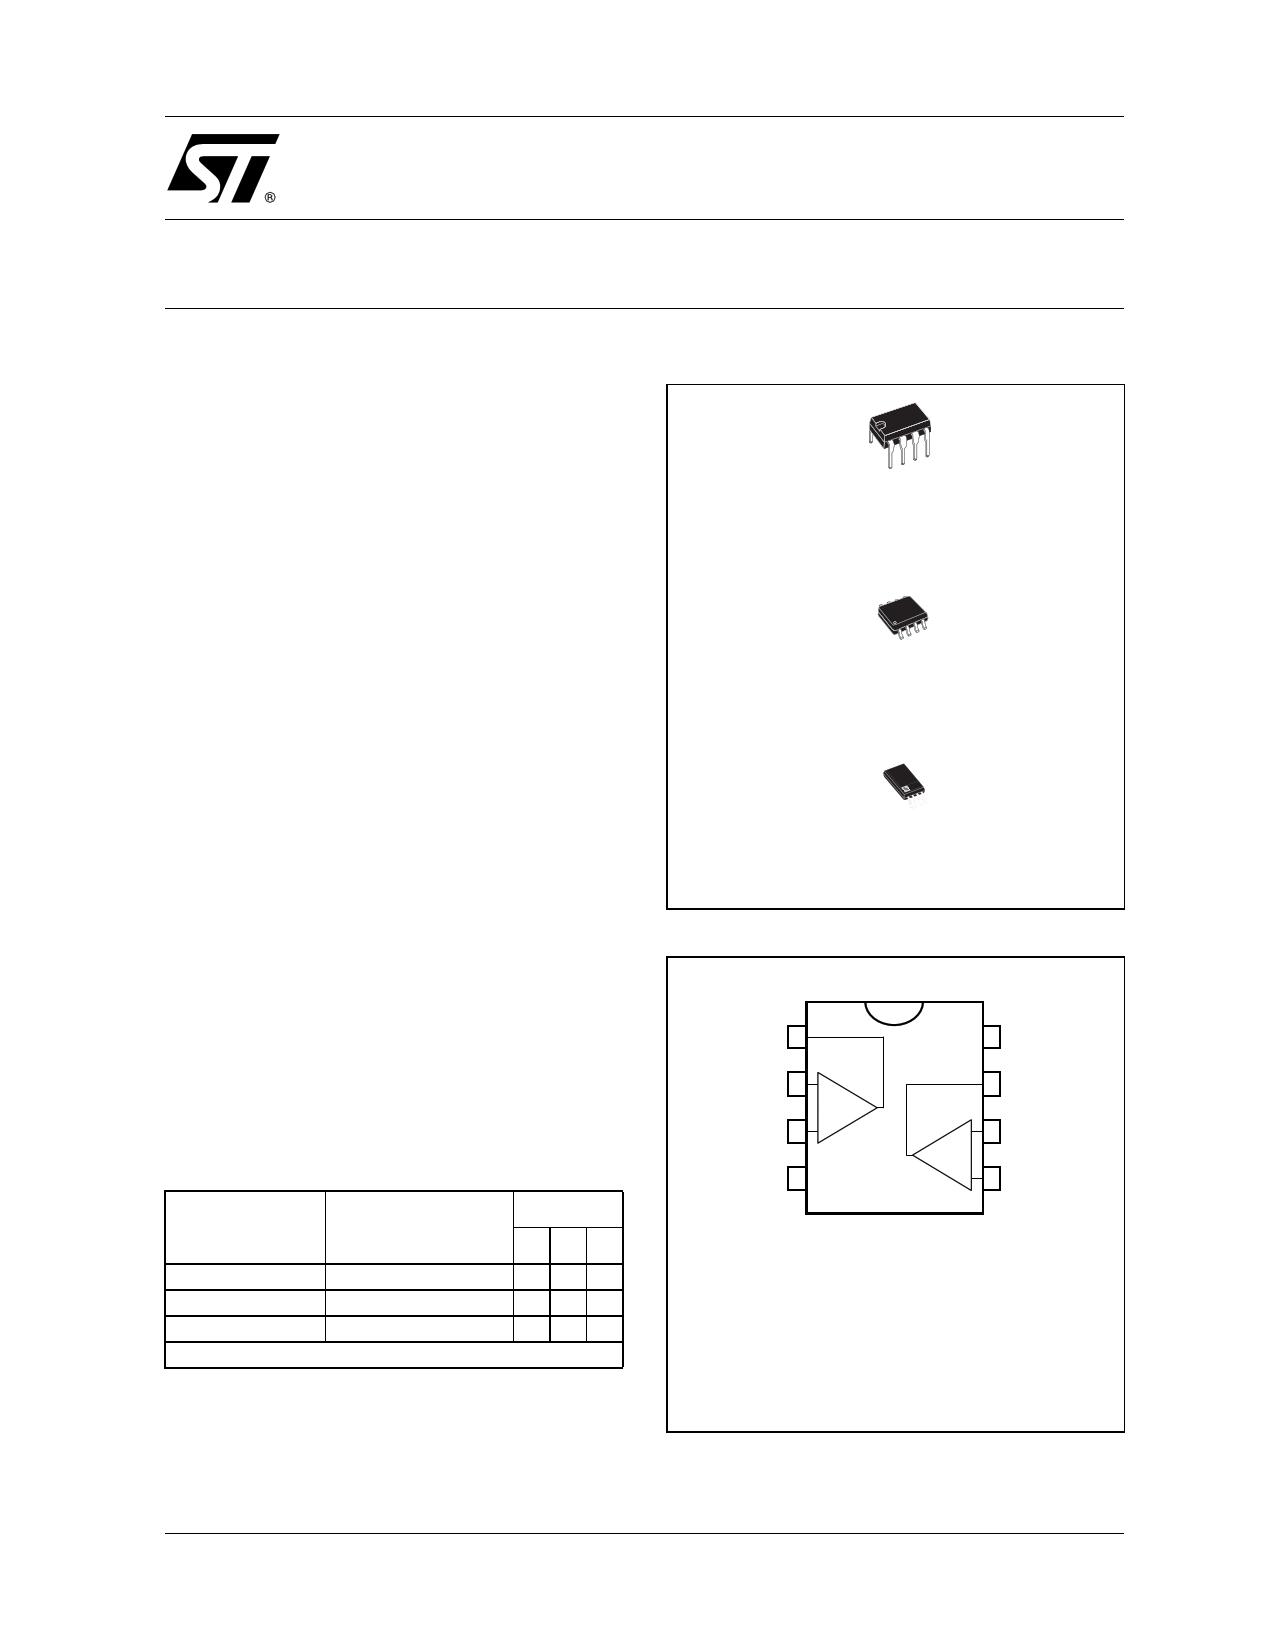 TS27L2M Datasheet, TS27L2M PDF,ピン配置, 機能